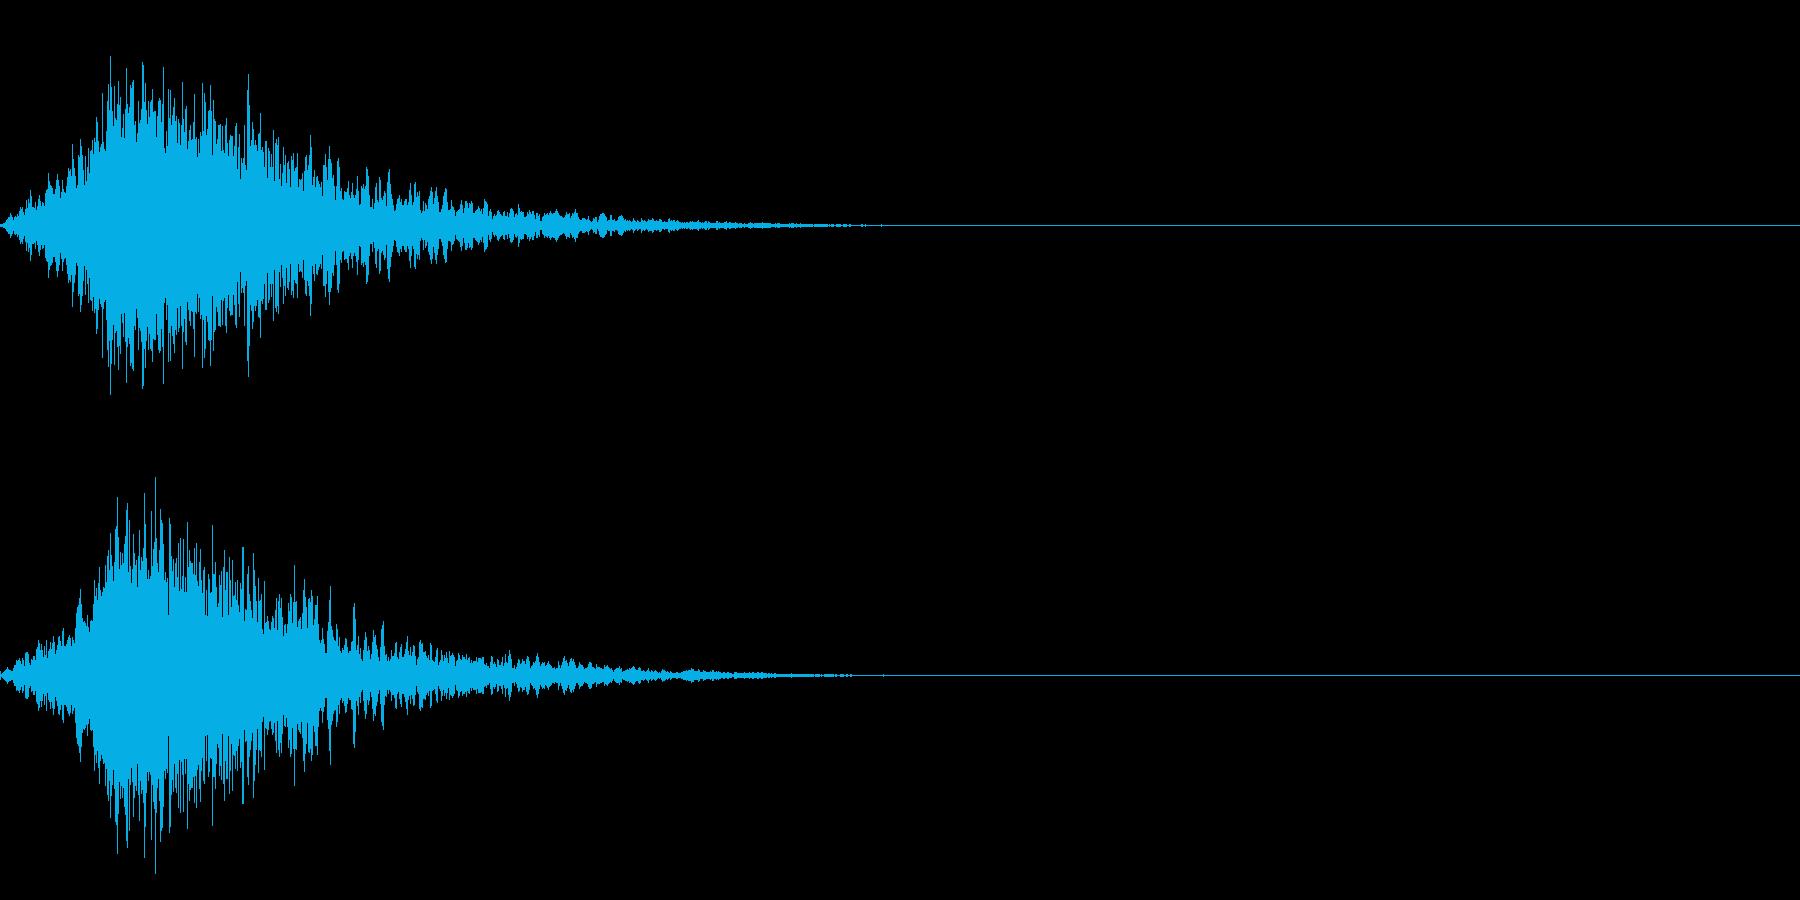 シャキーン(刀や剣、光、インパクト)2bの再生済みの波形